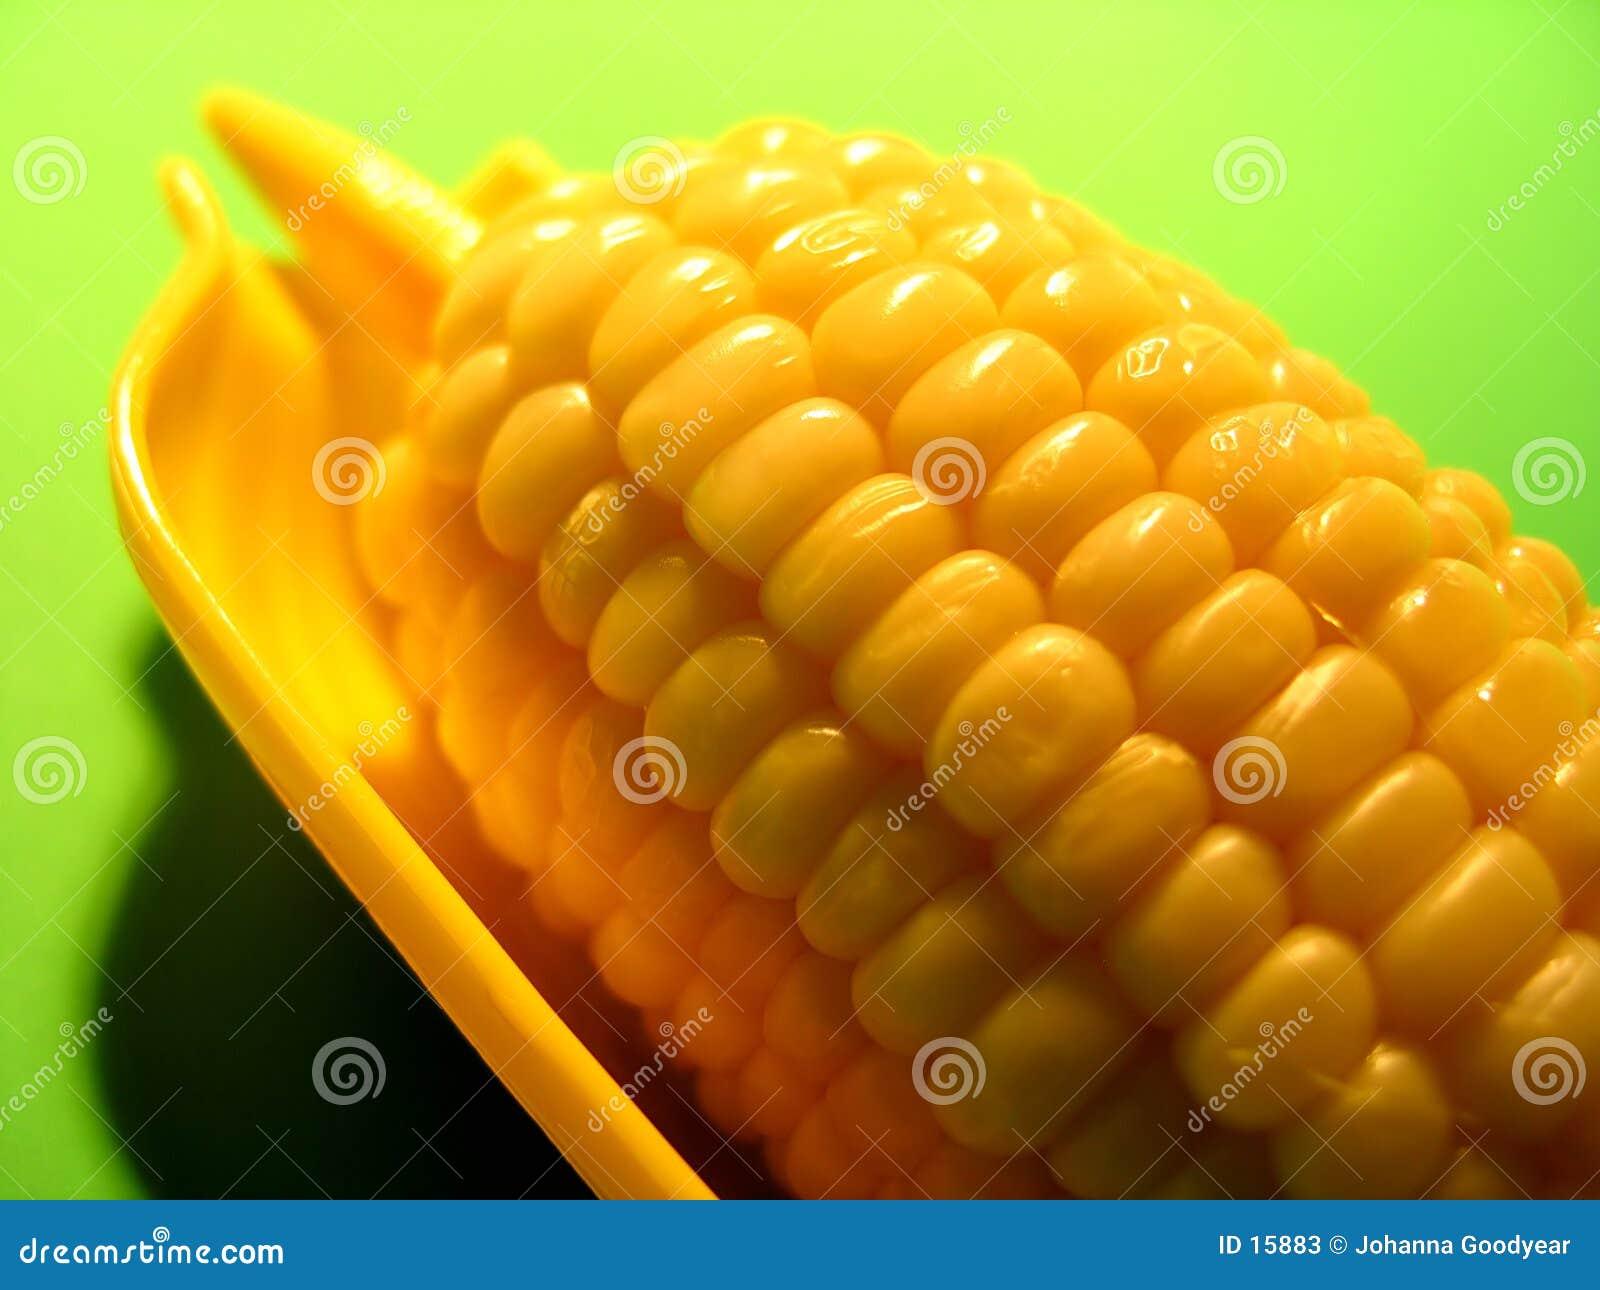 Butter Corn 1